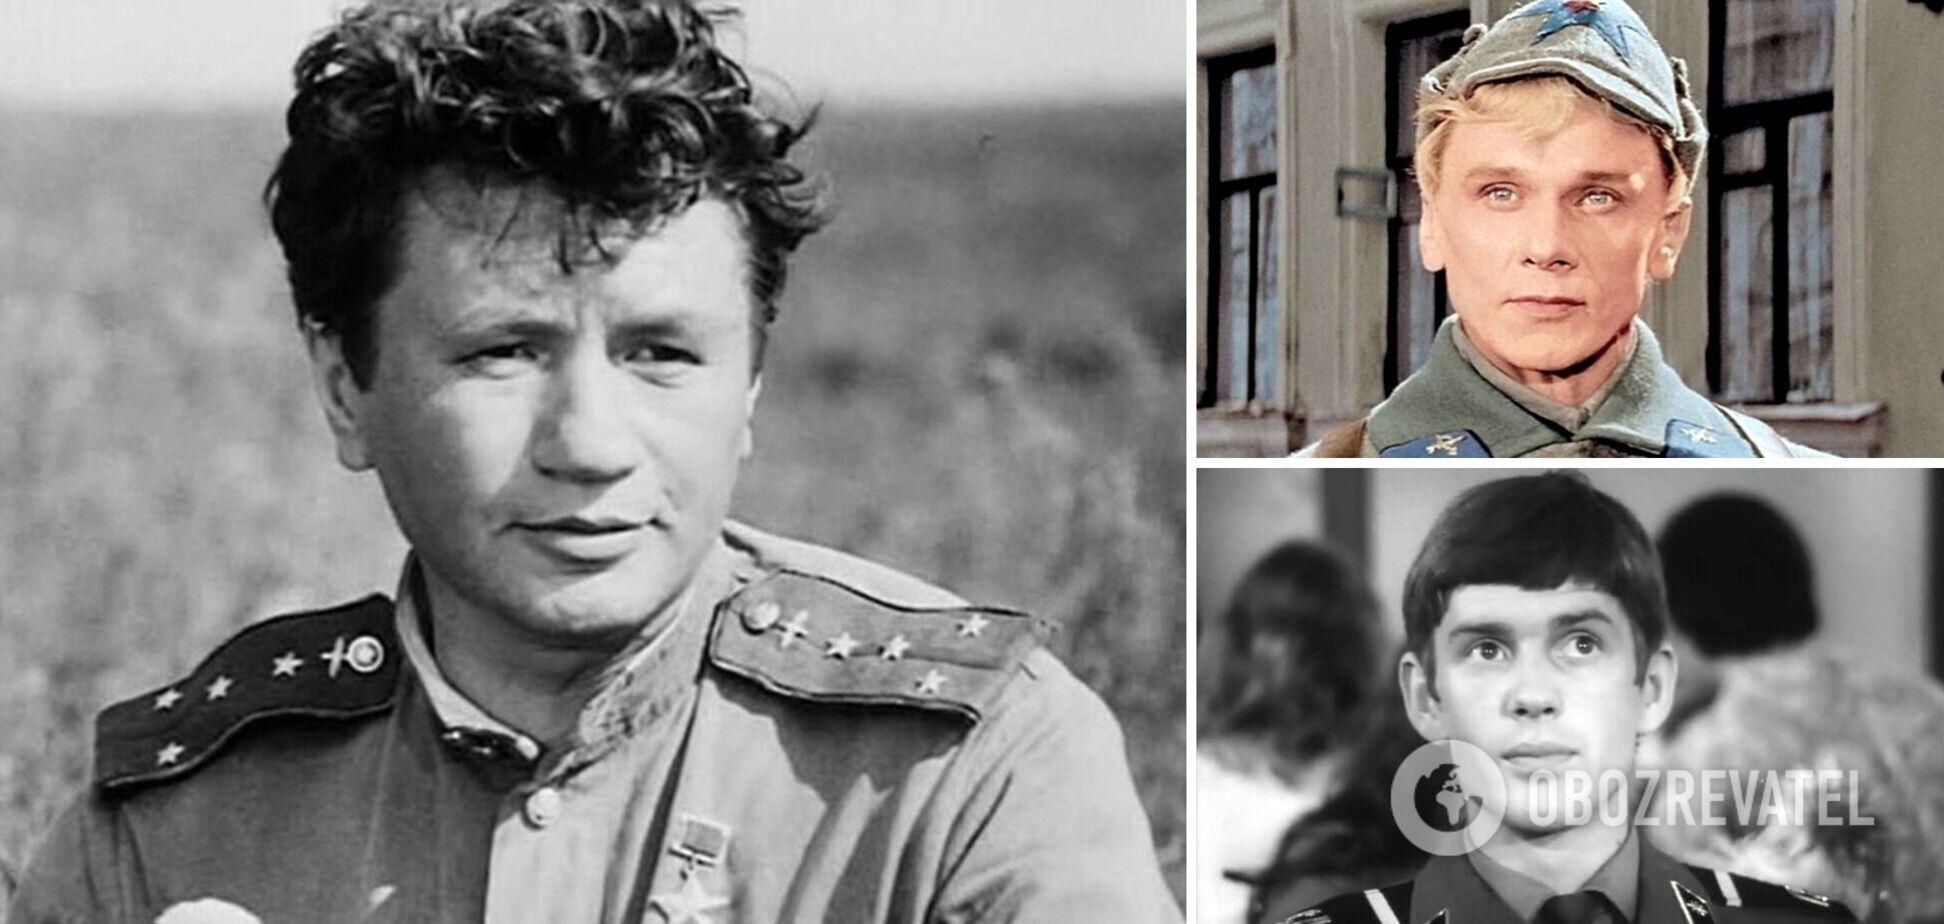 Секс-символи СРСР: кіноактори, які зводили з розуму радянських жінок